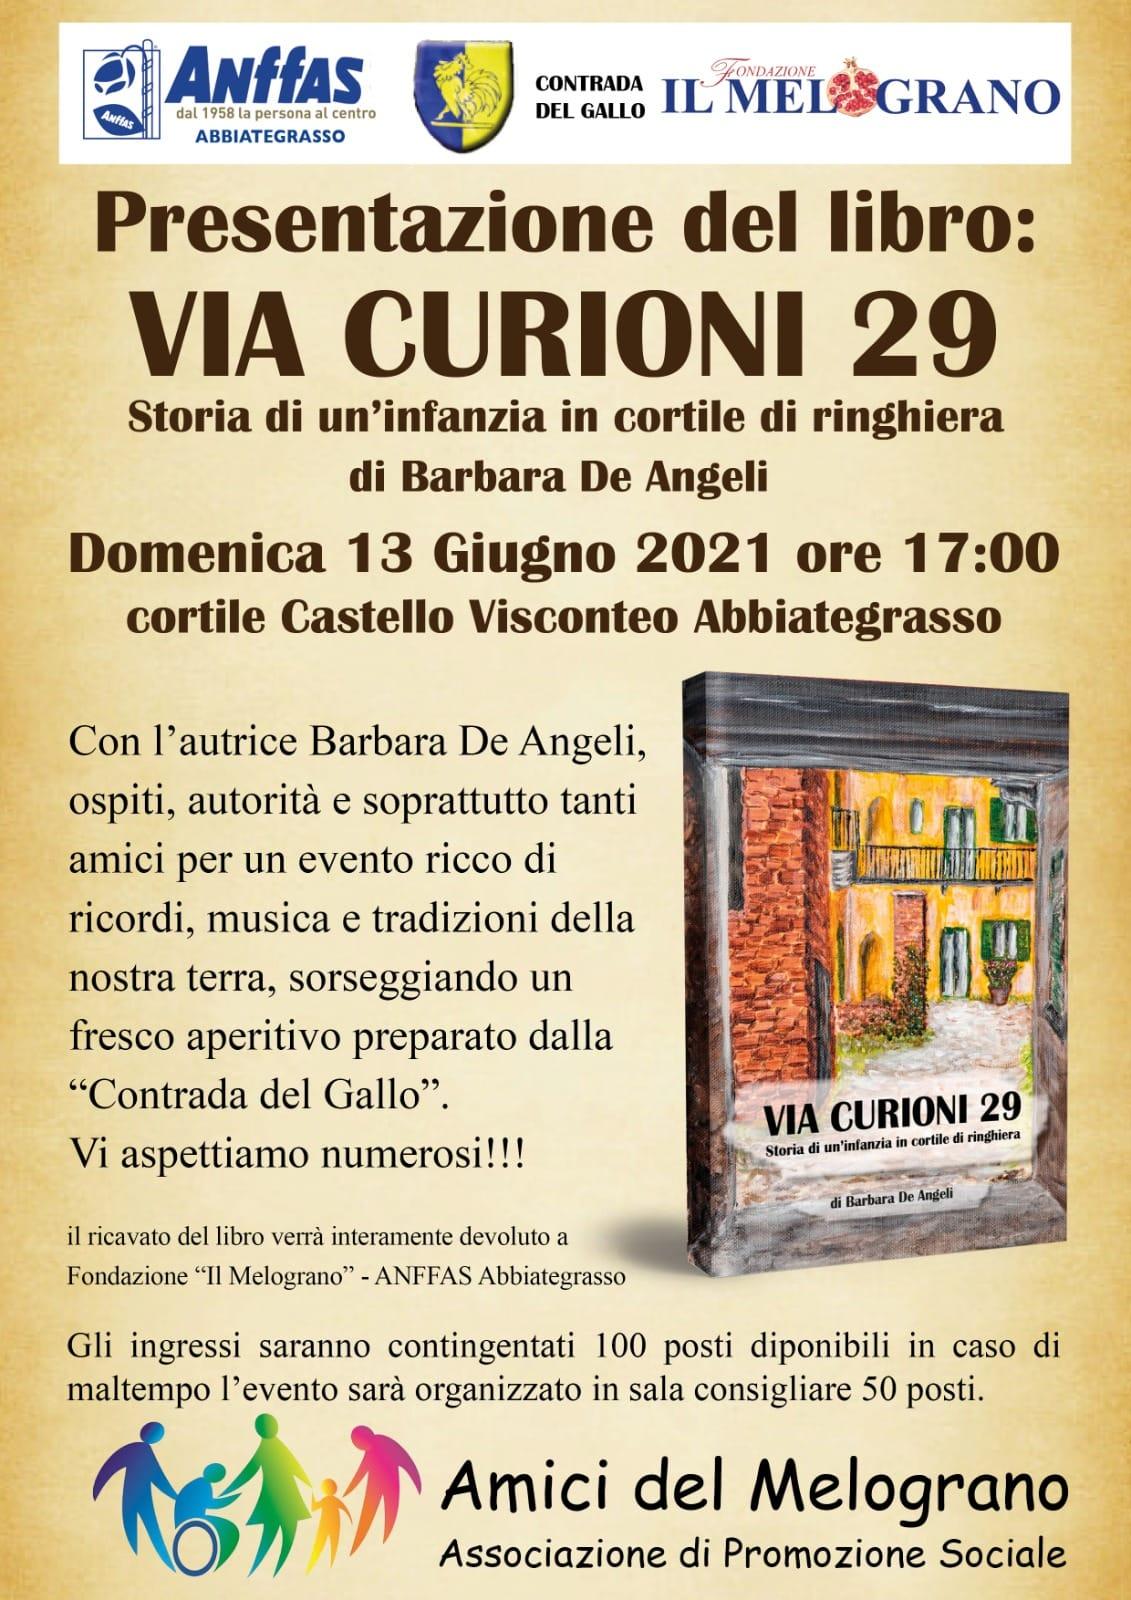 Via Curioni 29: il nuovo libro di Barbara De Angeli e la presentazione ad Abbiategrasso